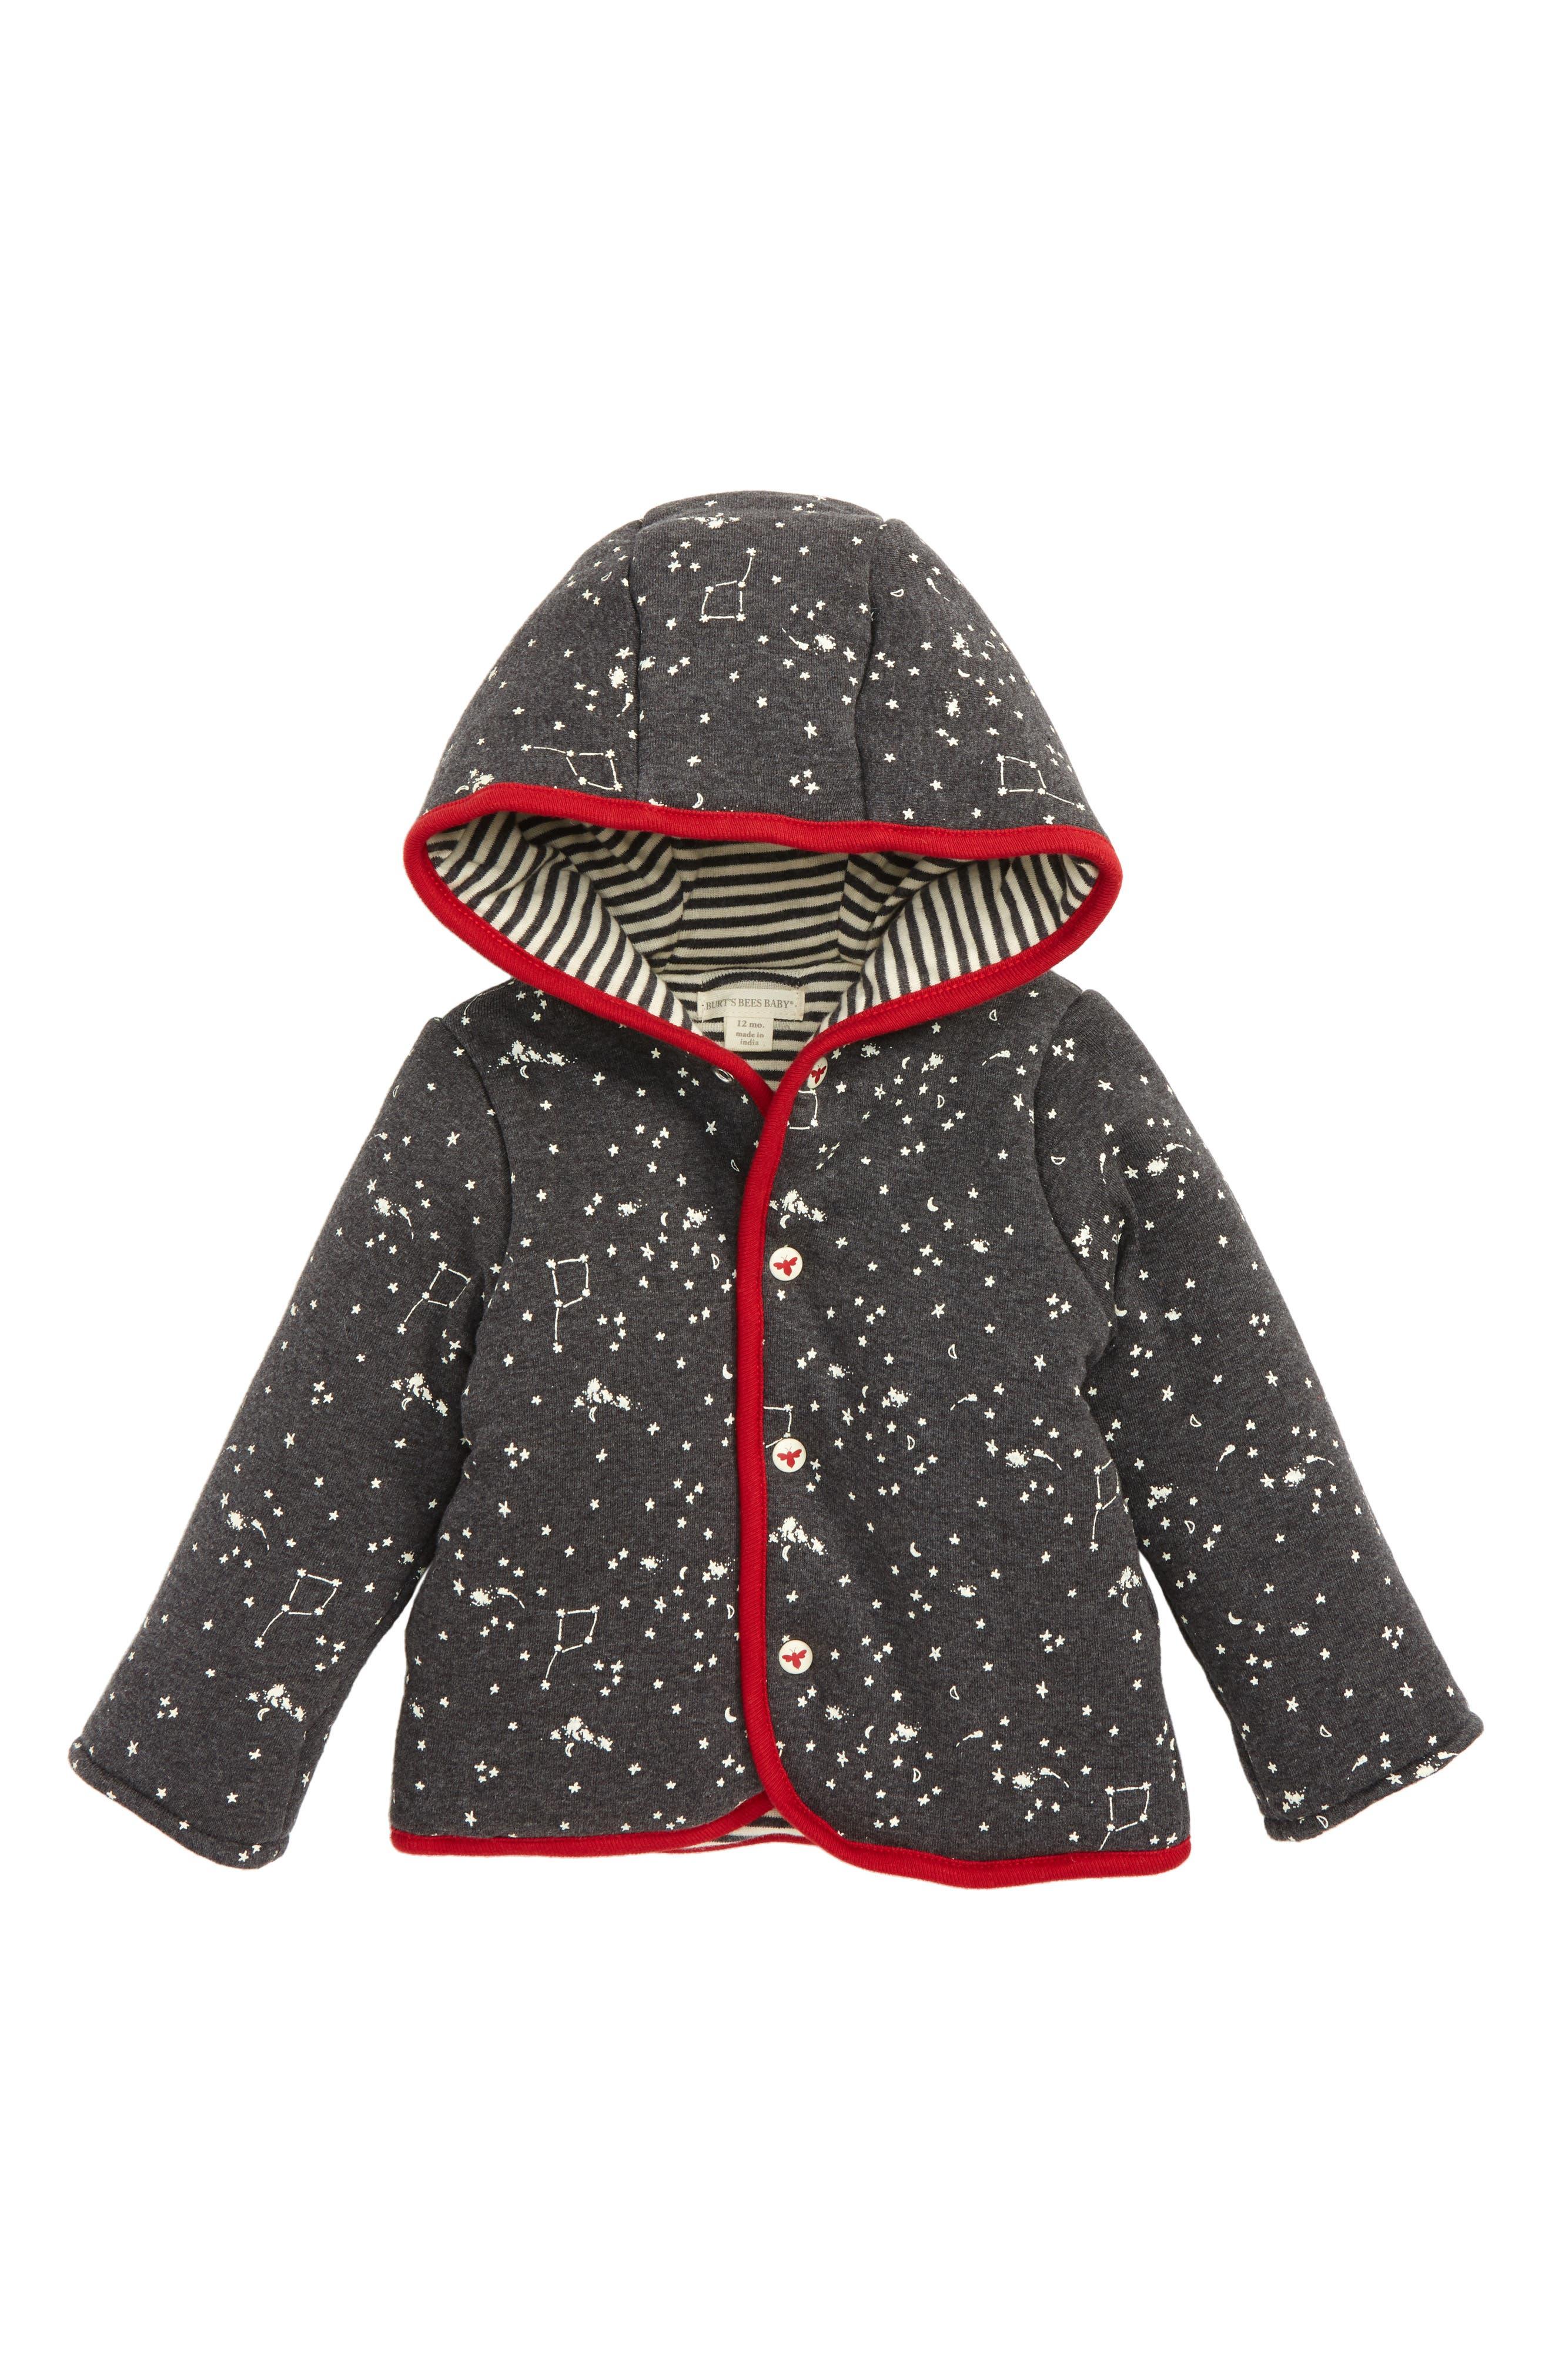 Main Image - Burt's Bees Reversible Organic Cotton Hoodie (Baby)